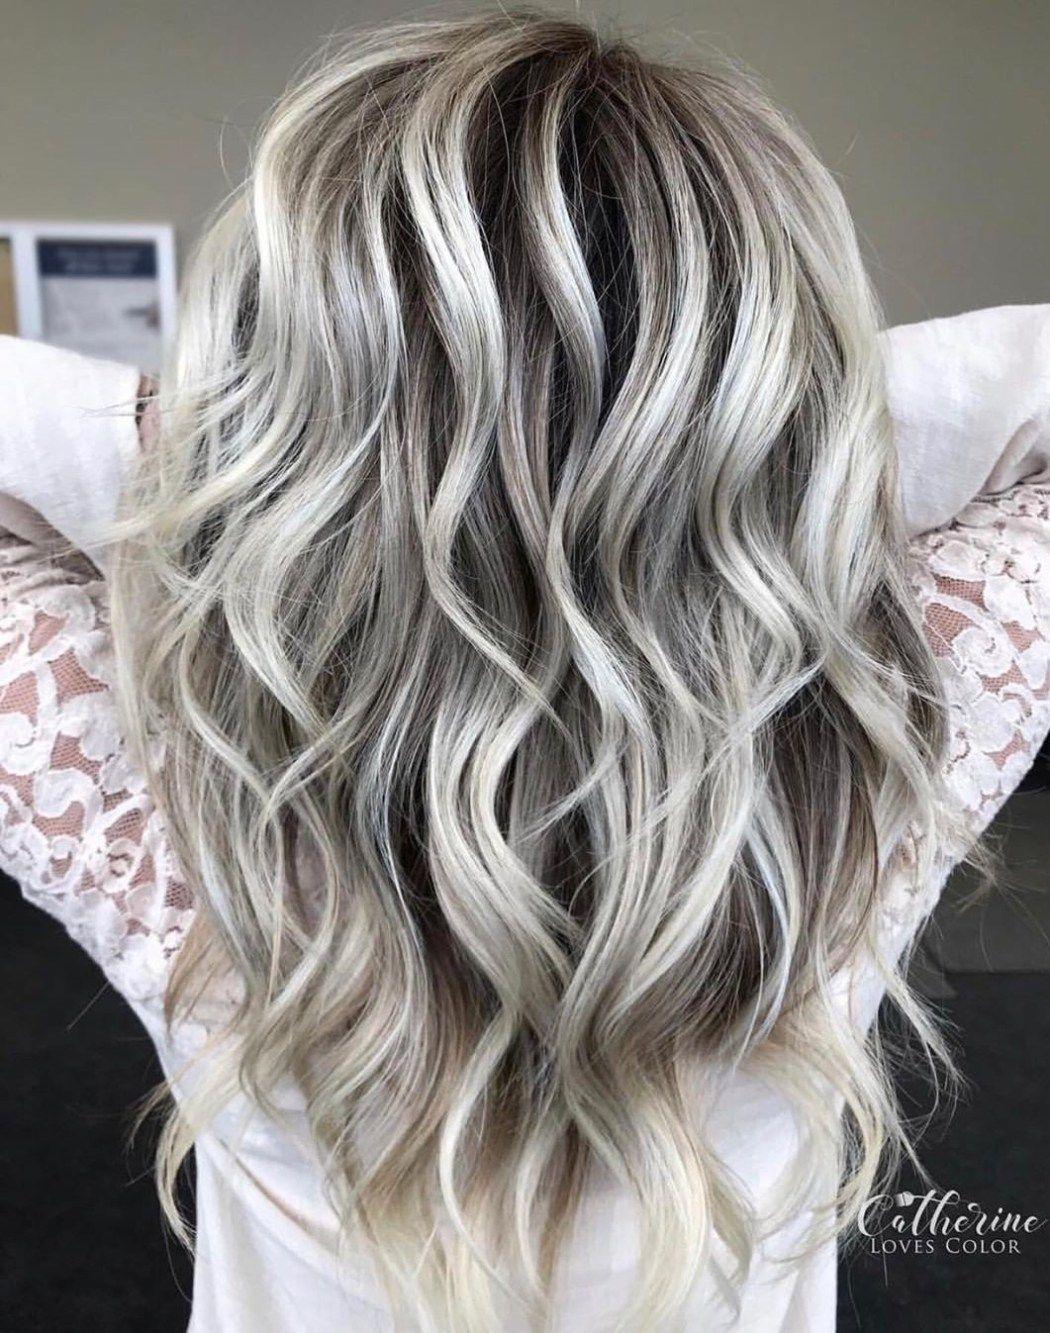 40 Bombshell Silver Hair Color Ideas For 2020 Hair Adviser In 2020 Silver Hair Color Silver Blonde Hair Hair Styles